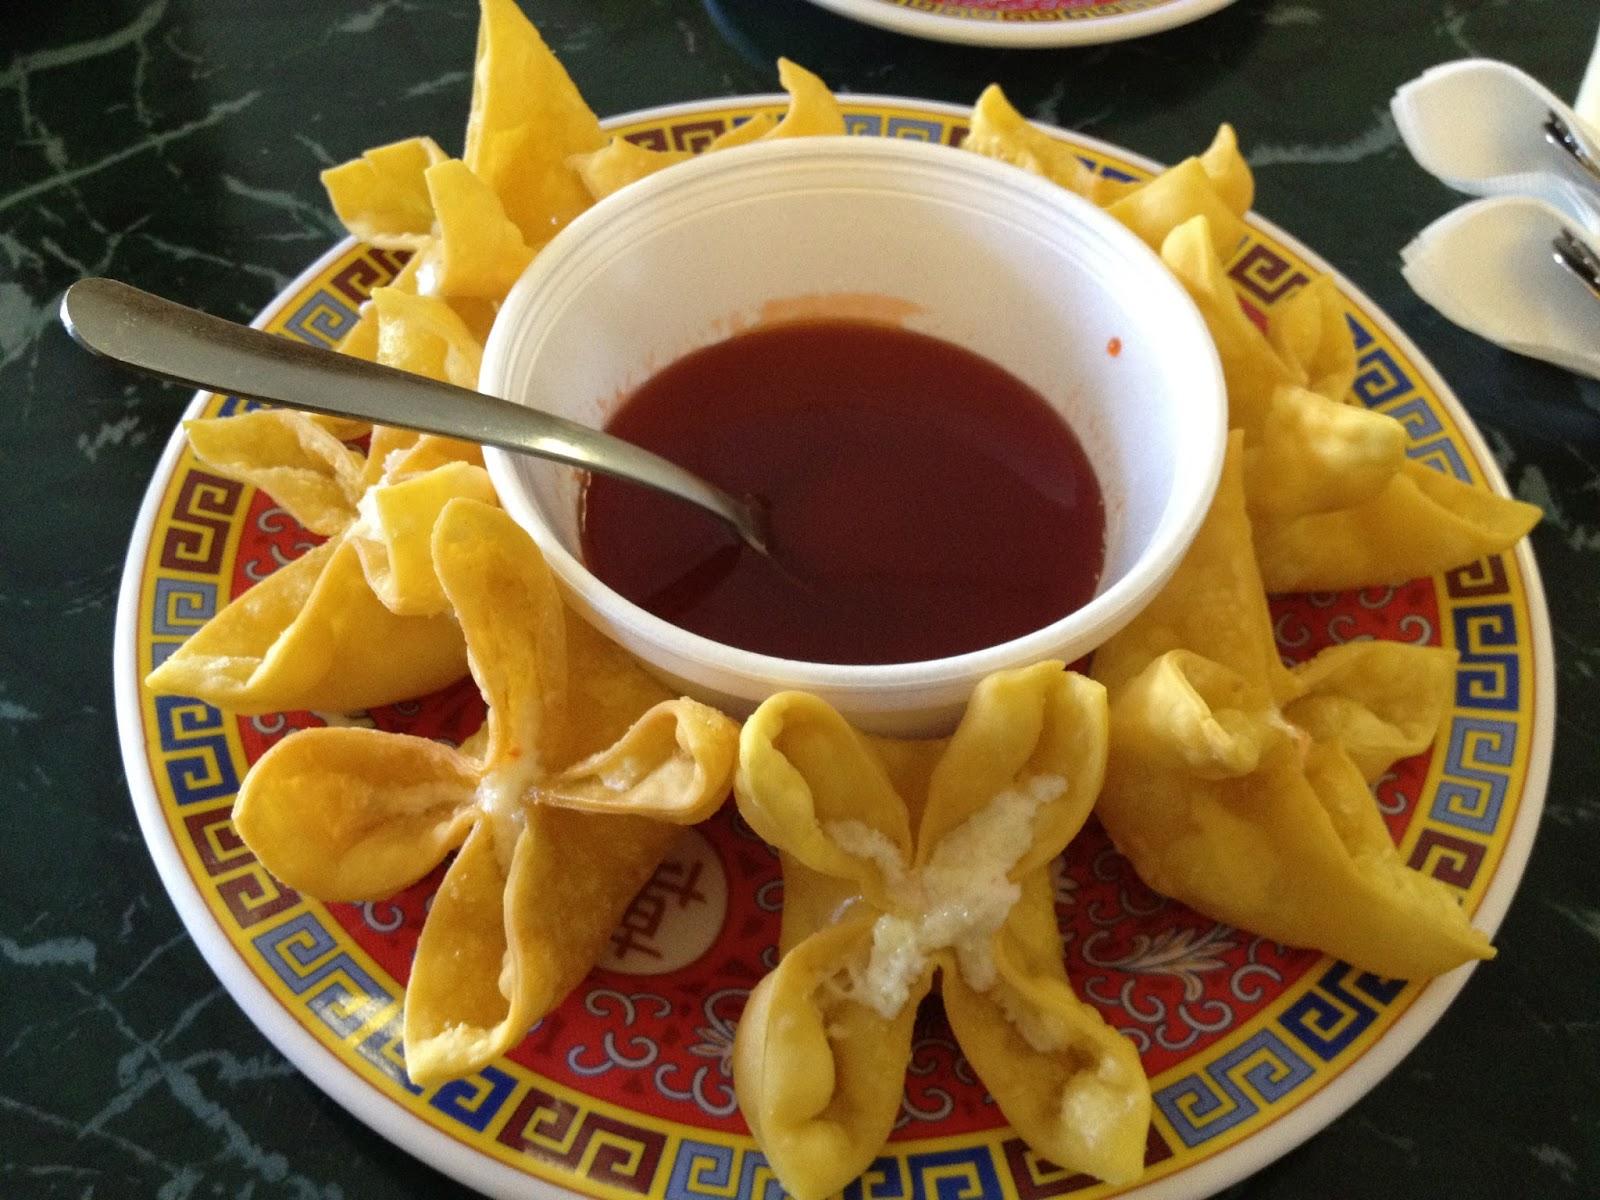 Candace Lately: China City Restaurant